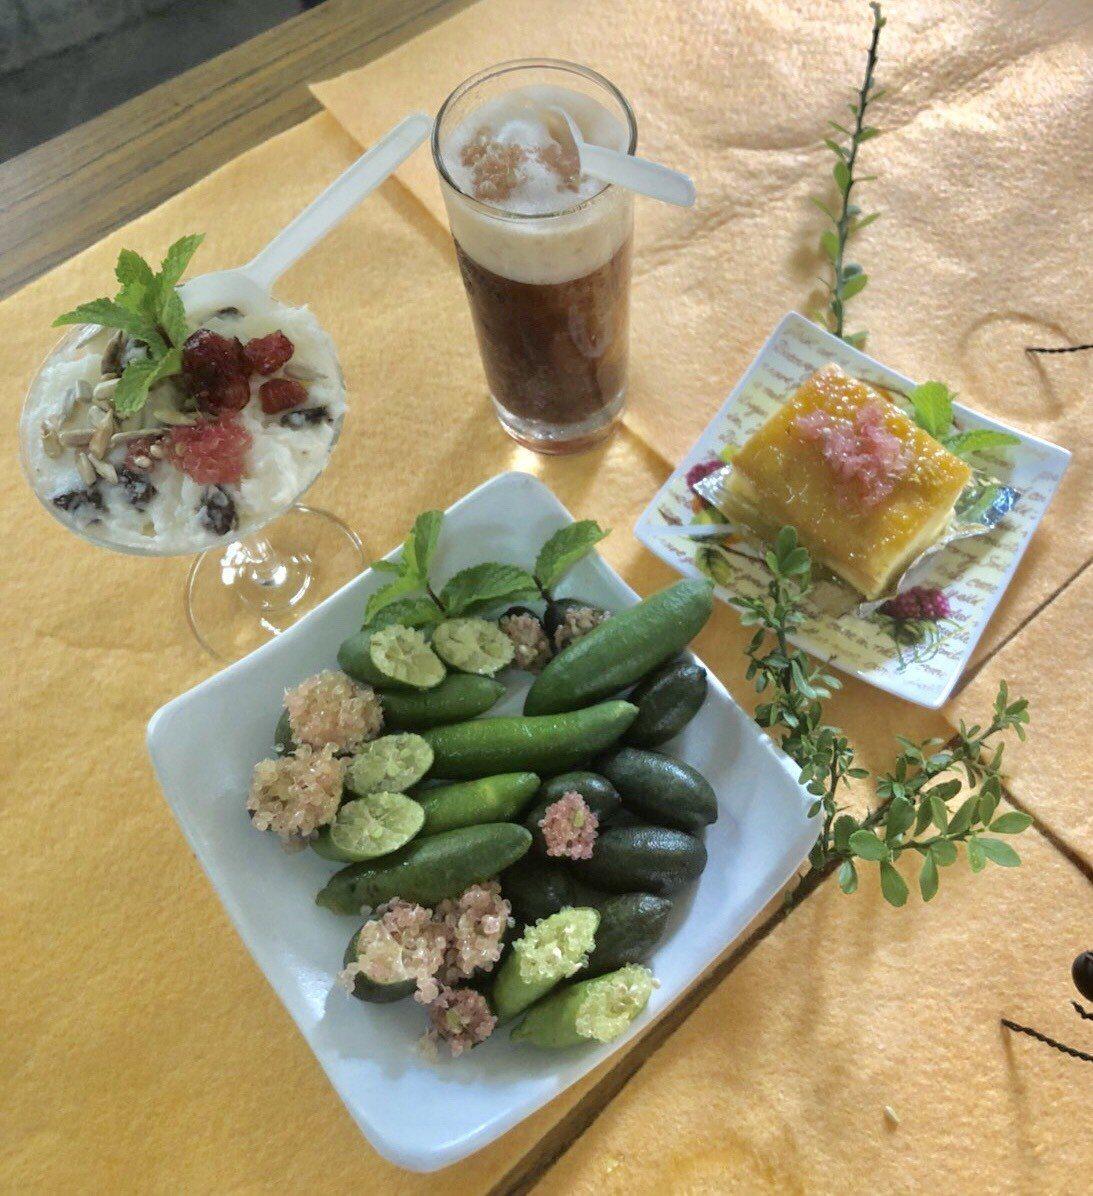 手指檸檬的用途多樣化,可用來製作蛋糕、握壽司、沙拉等創意美食。記者吳淑玲/攝影